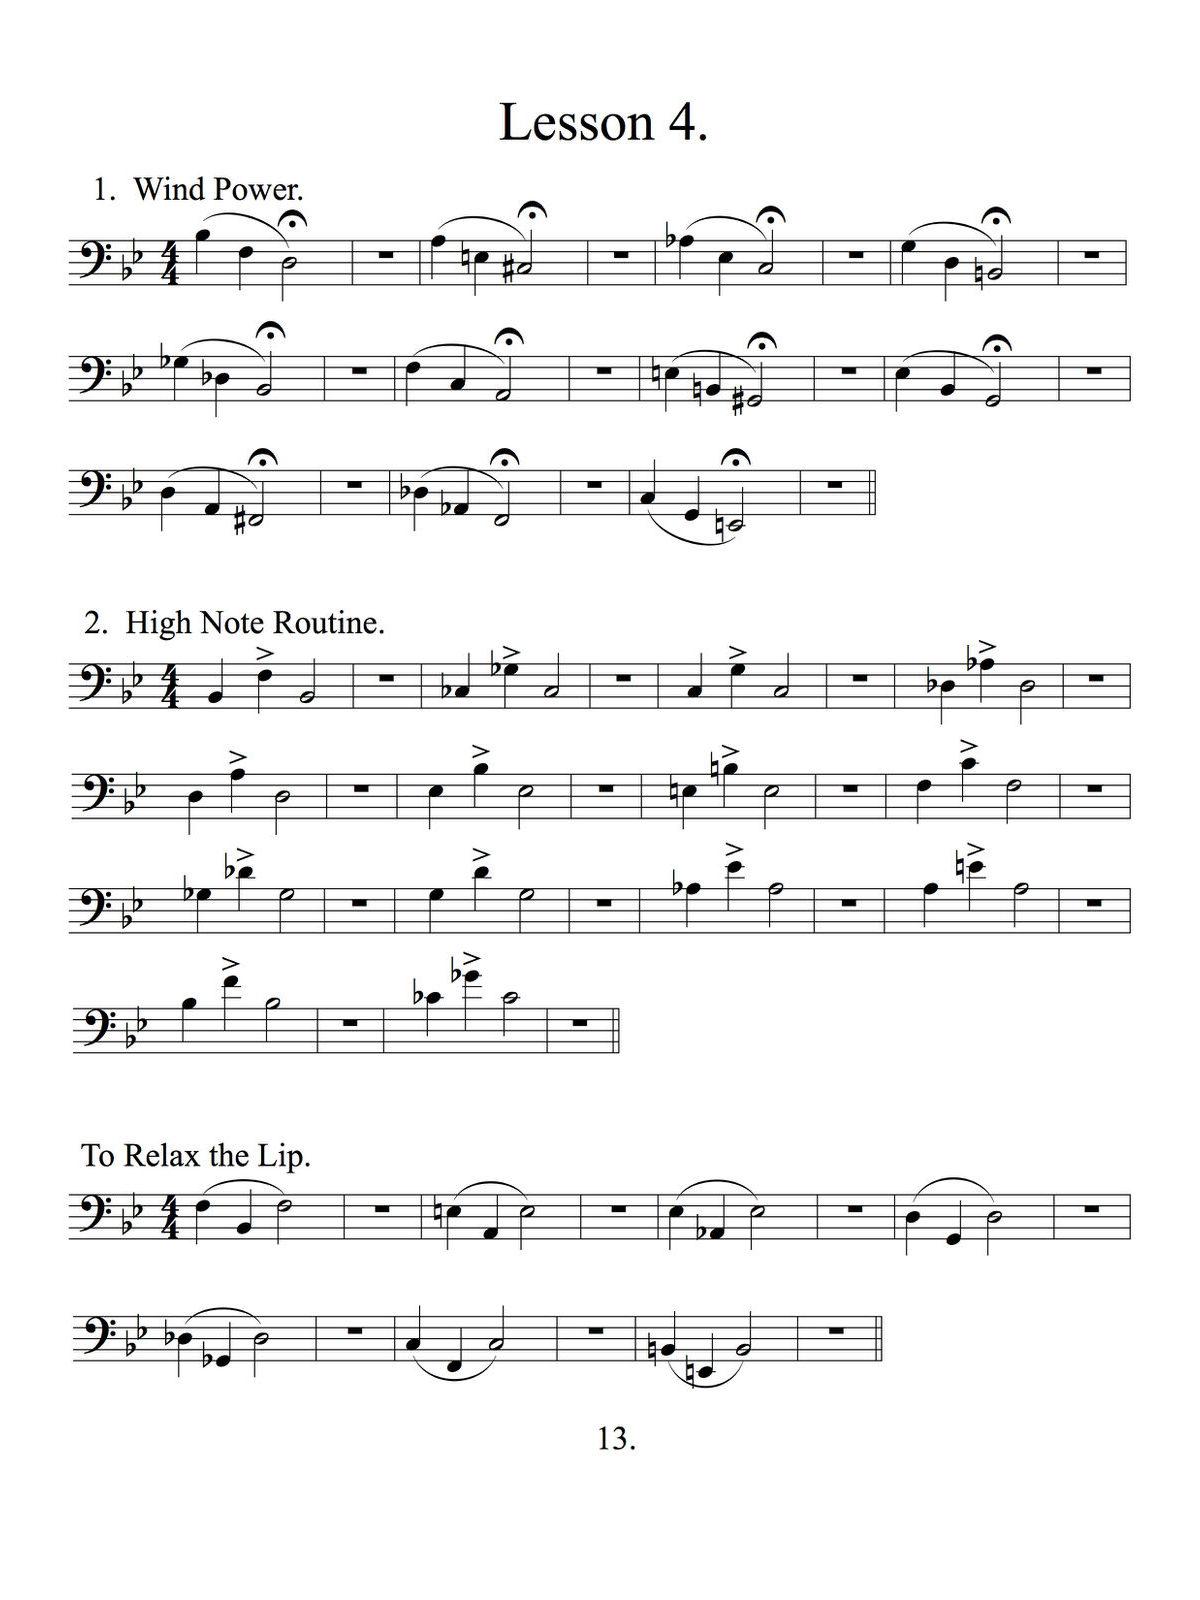 knevitt-developing-trombone-player-4